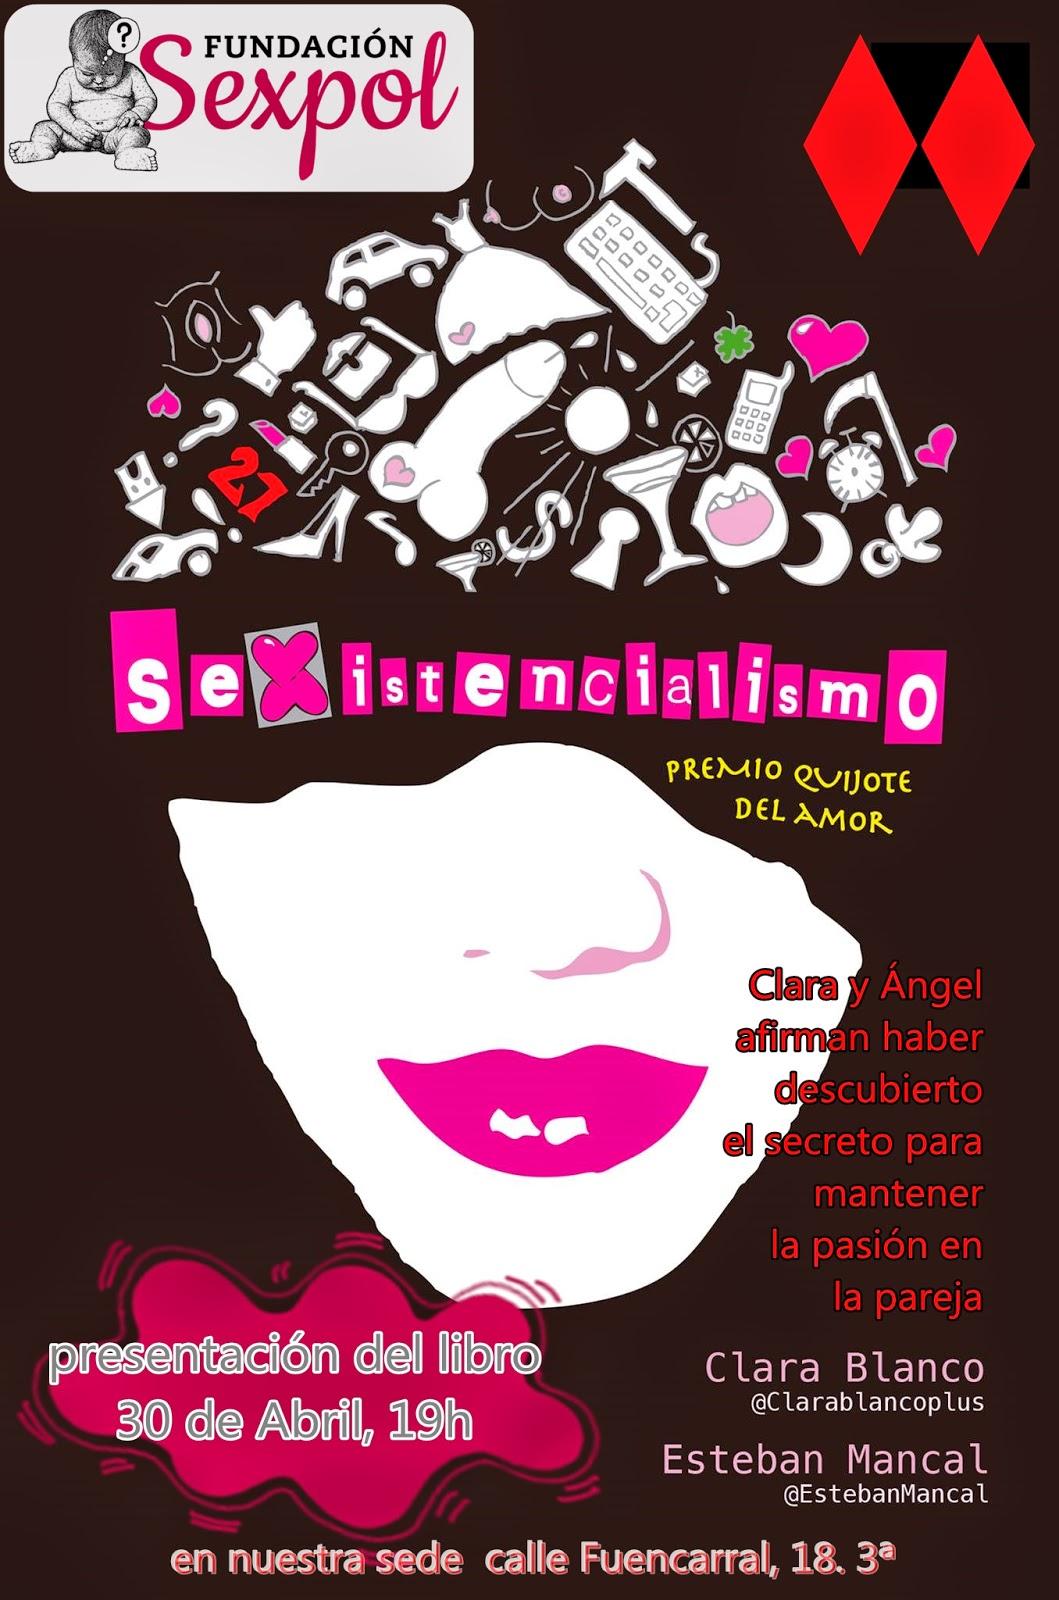 Sexistencialismo